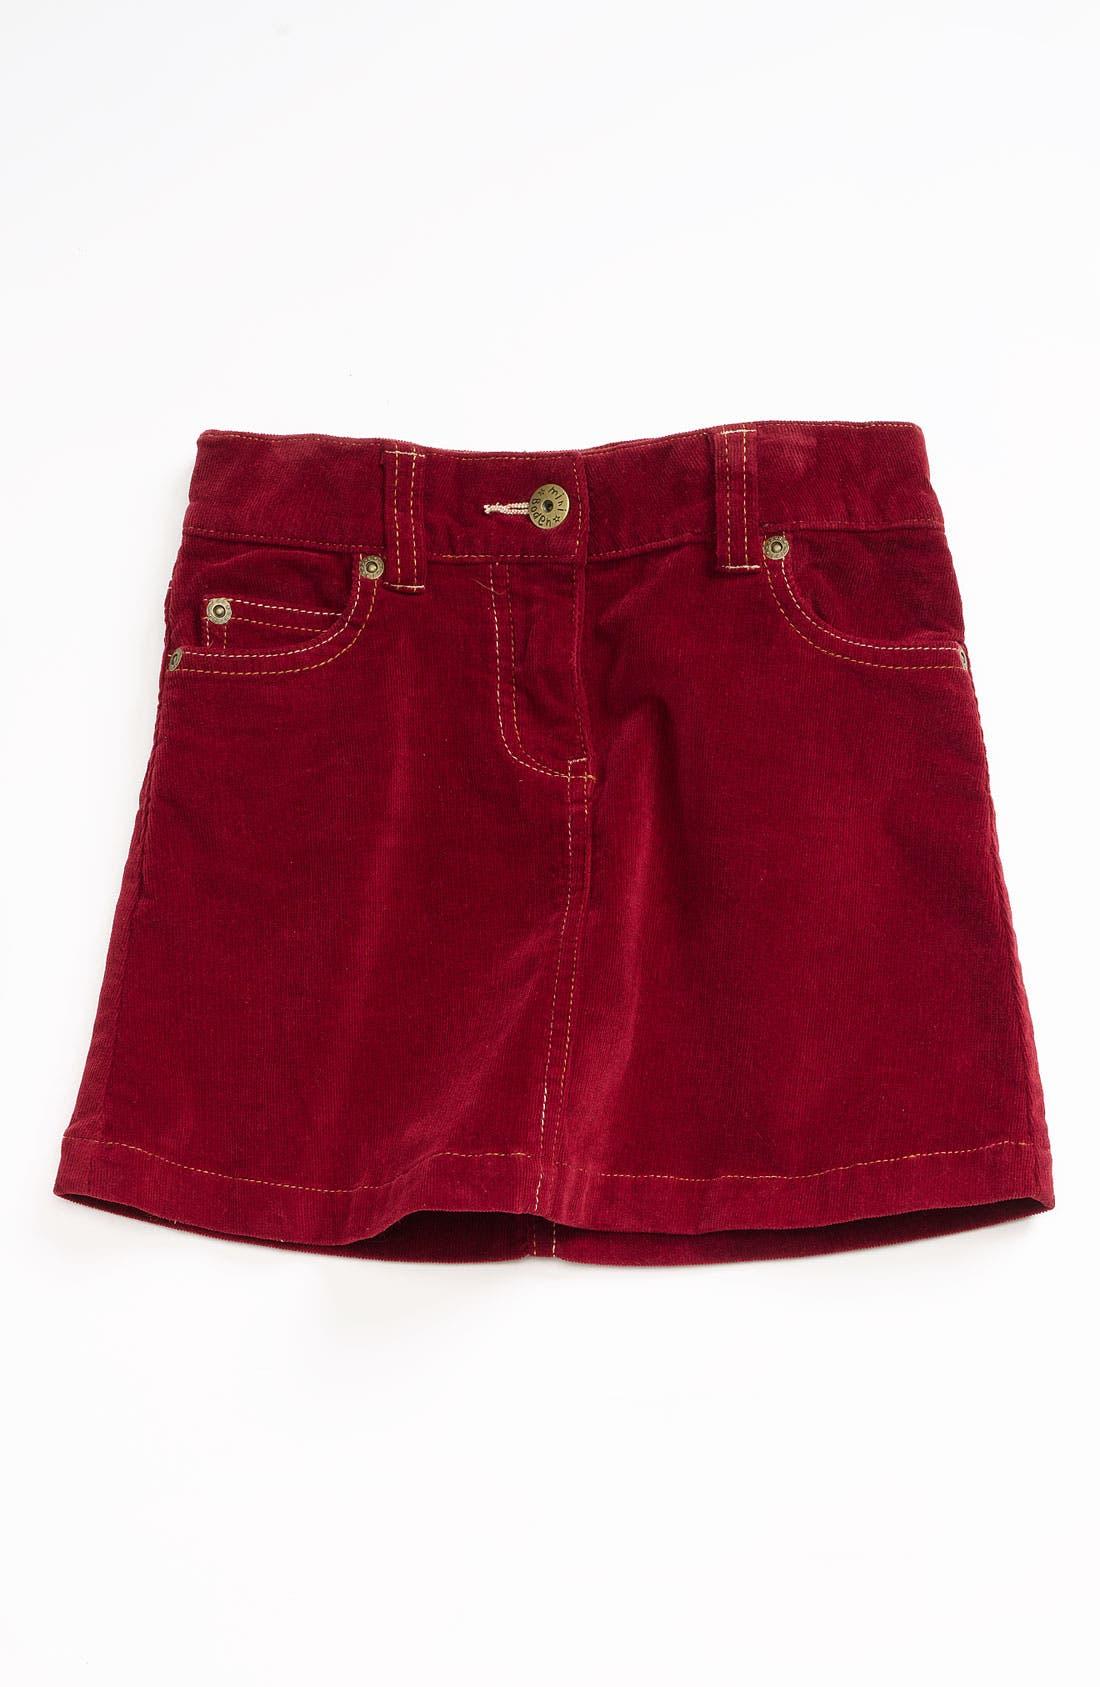 Main Image - Mini Boden Heart Pocket Jean Skirt (Toddler)